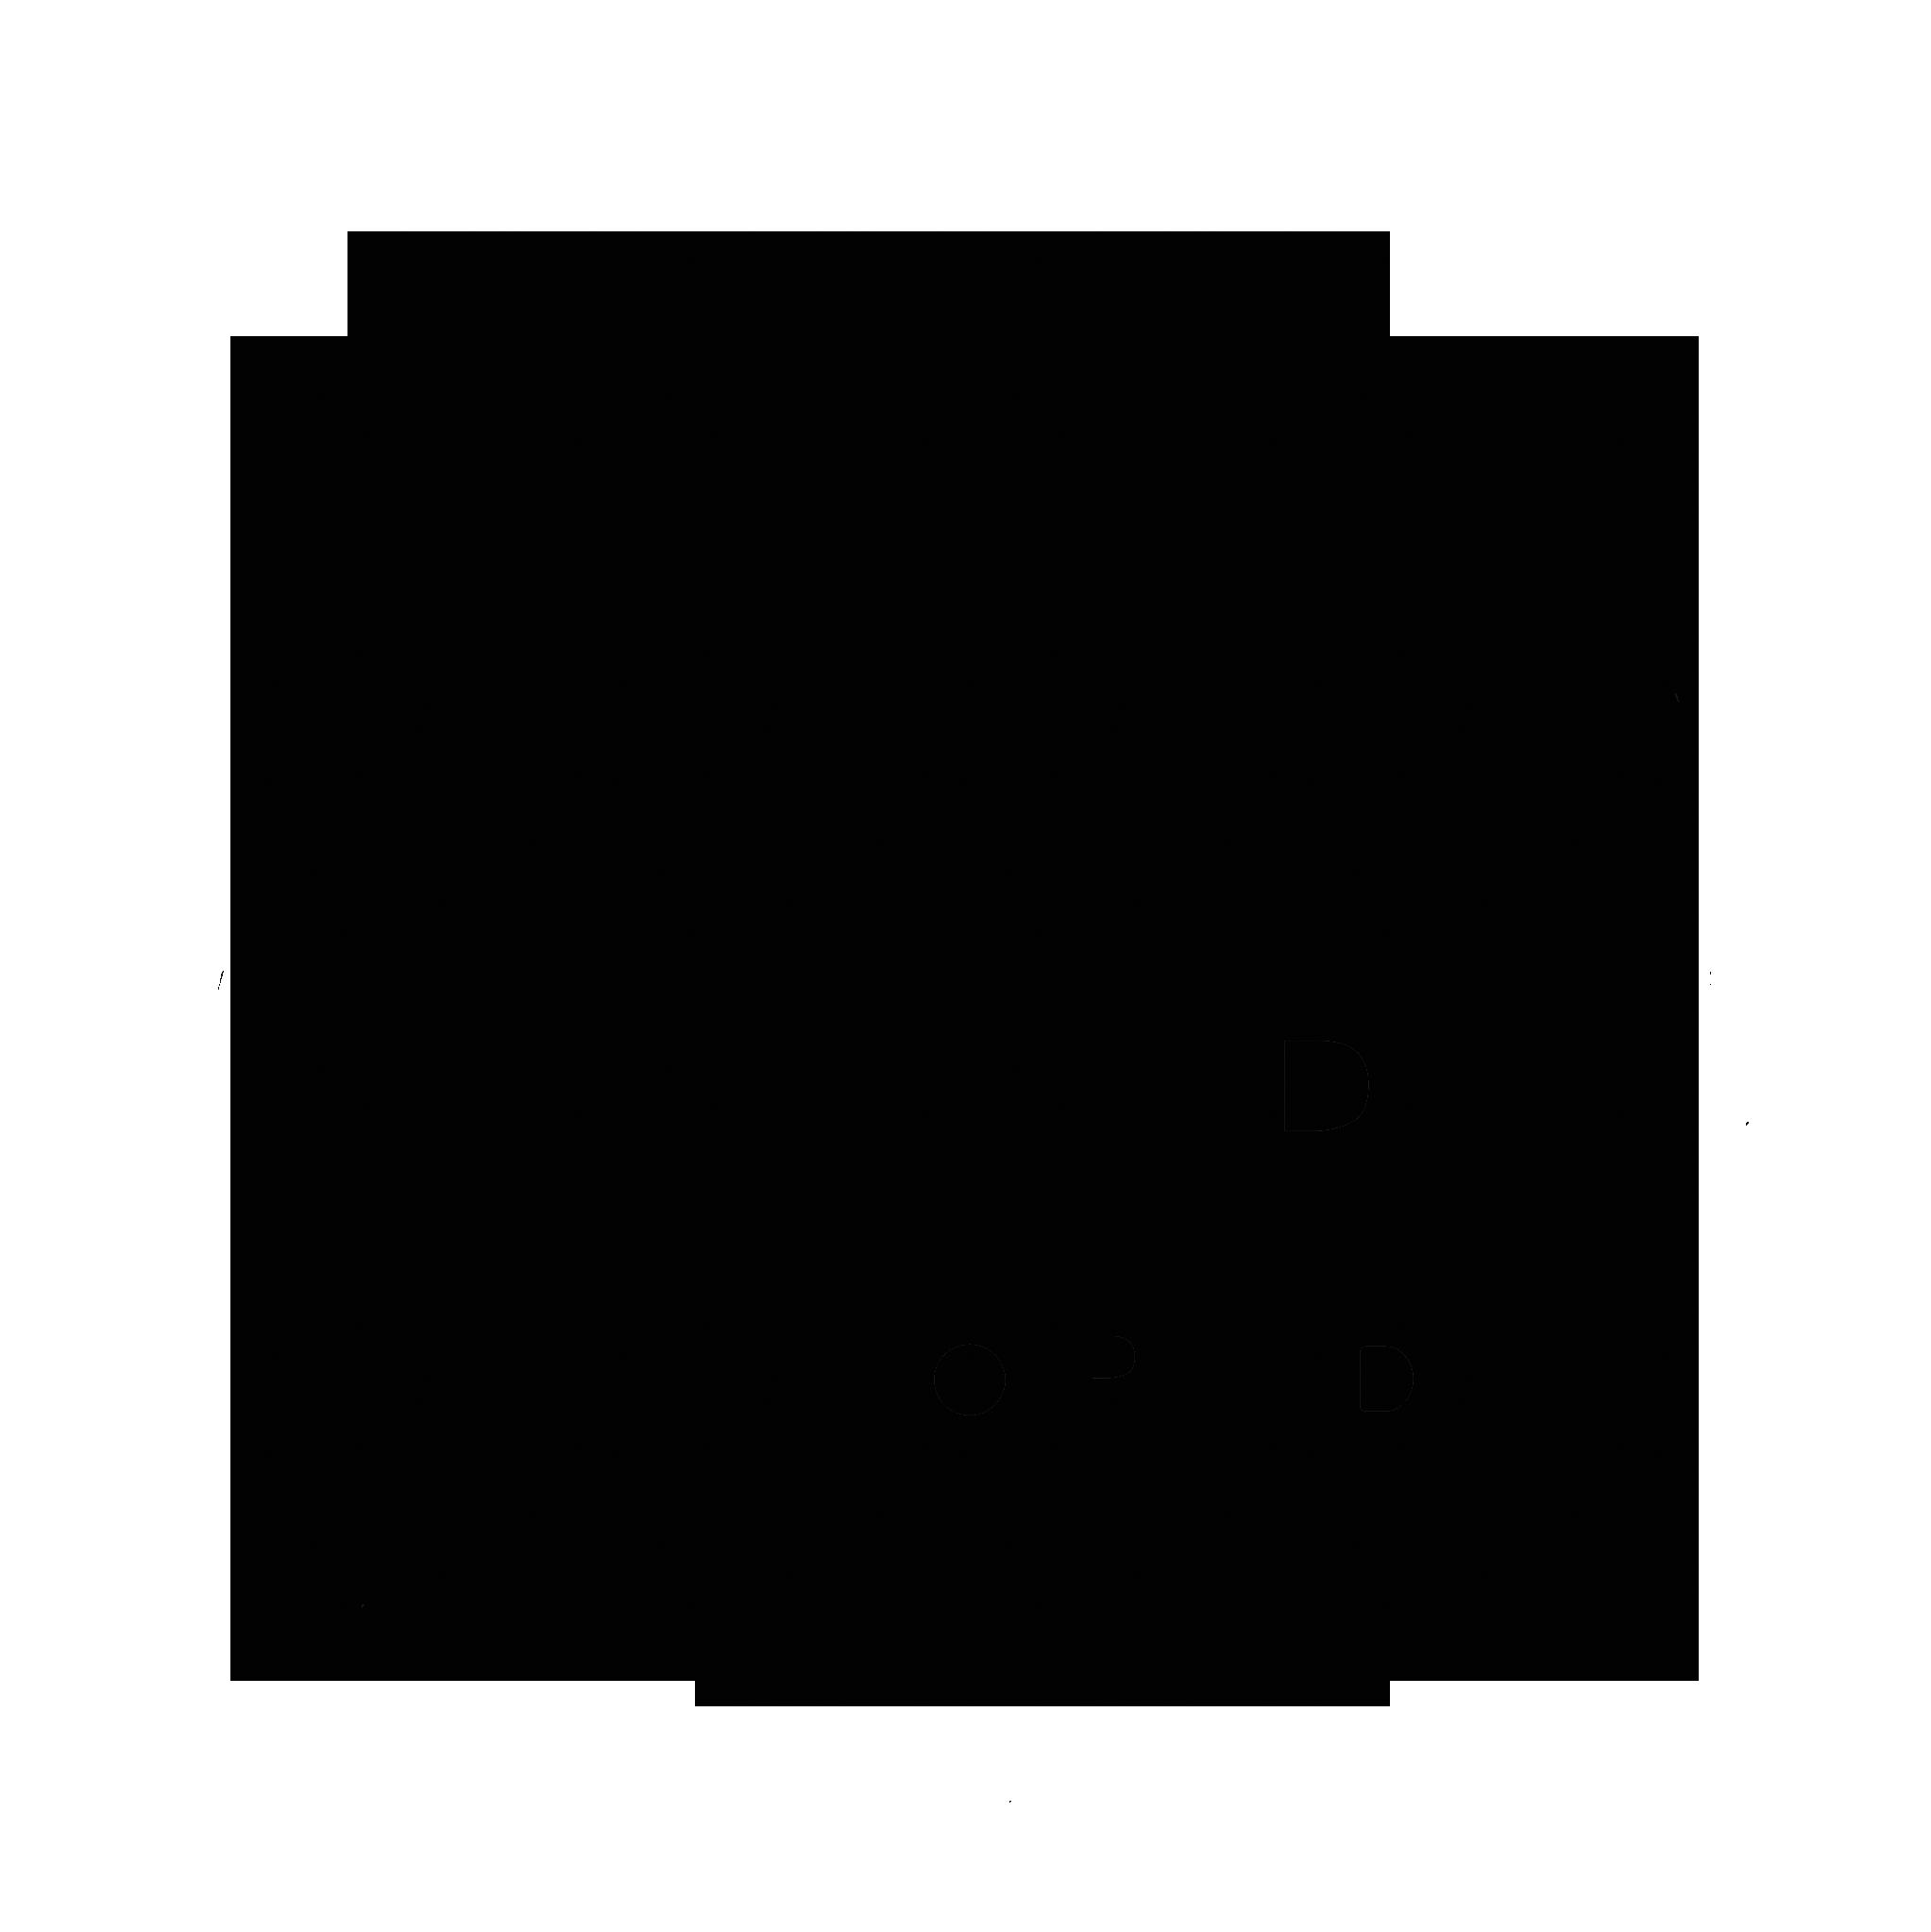 Logo Vinyl Decal Disenos De Unas Estampado